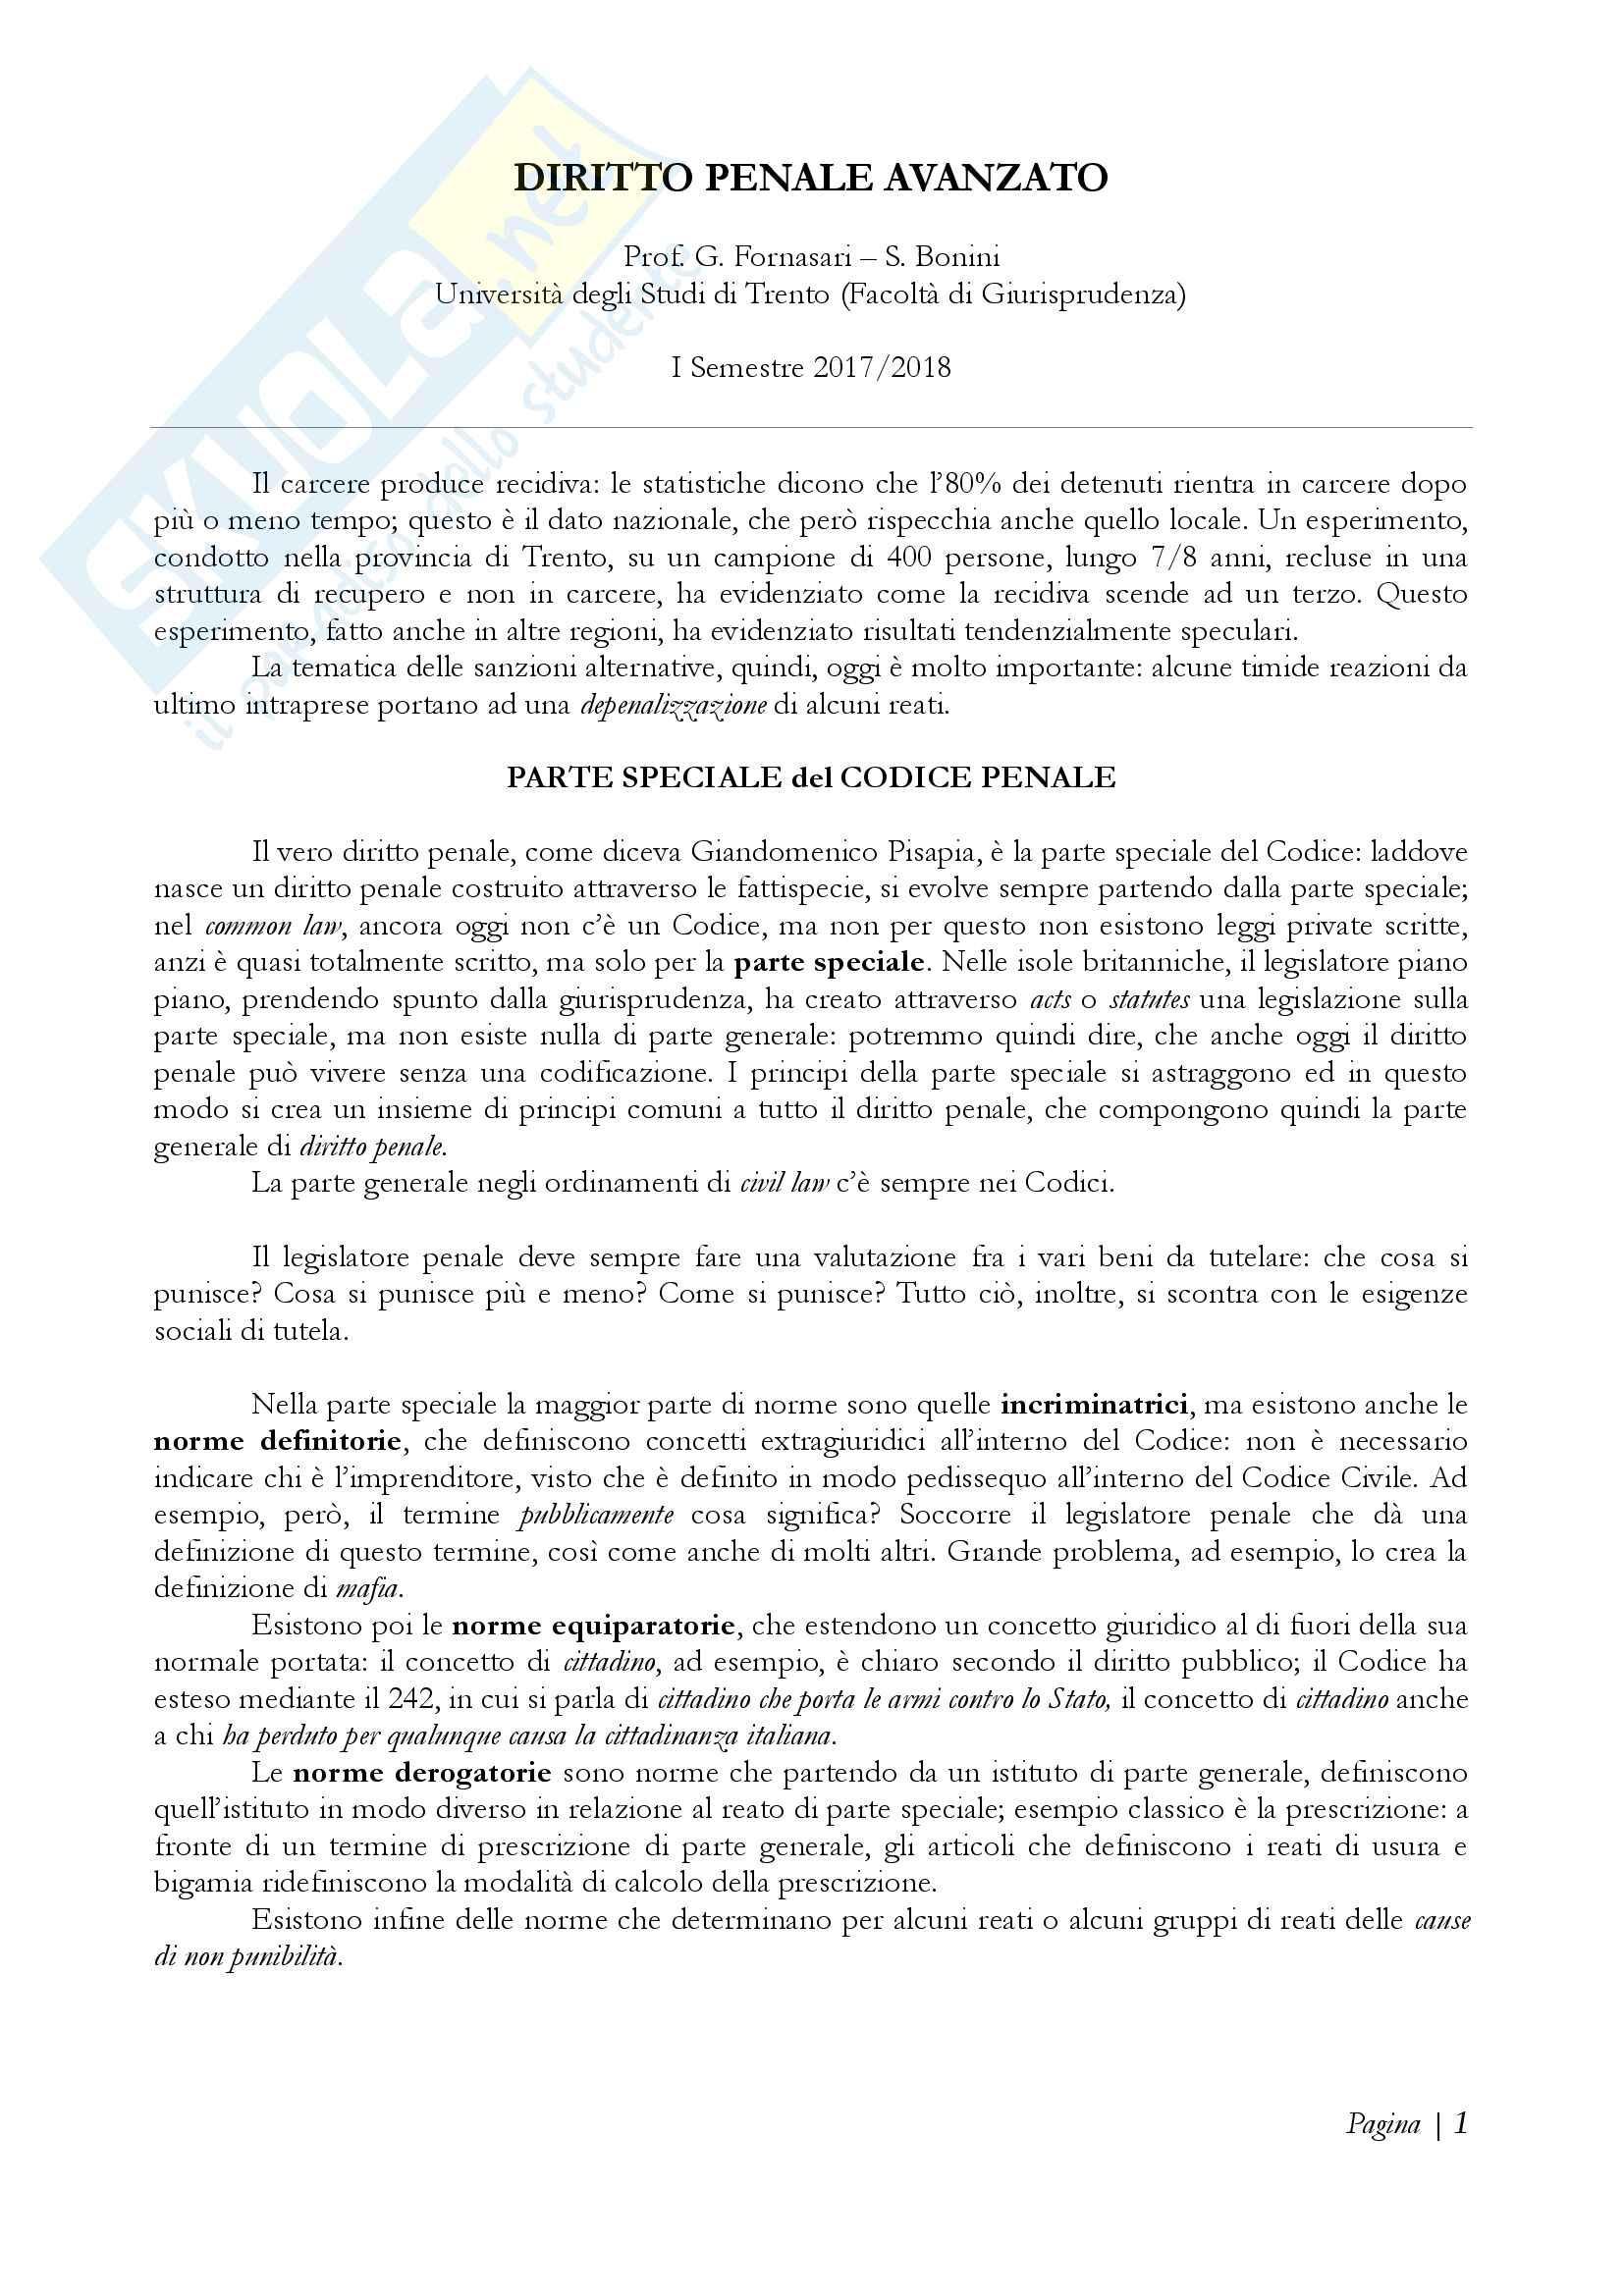 Diritto penale avanzato - Appunti Prof. Fornasari